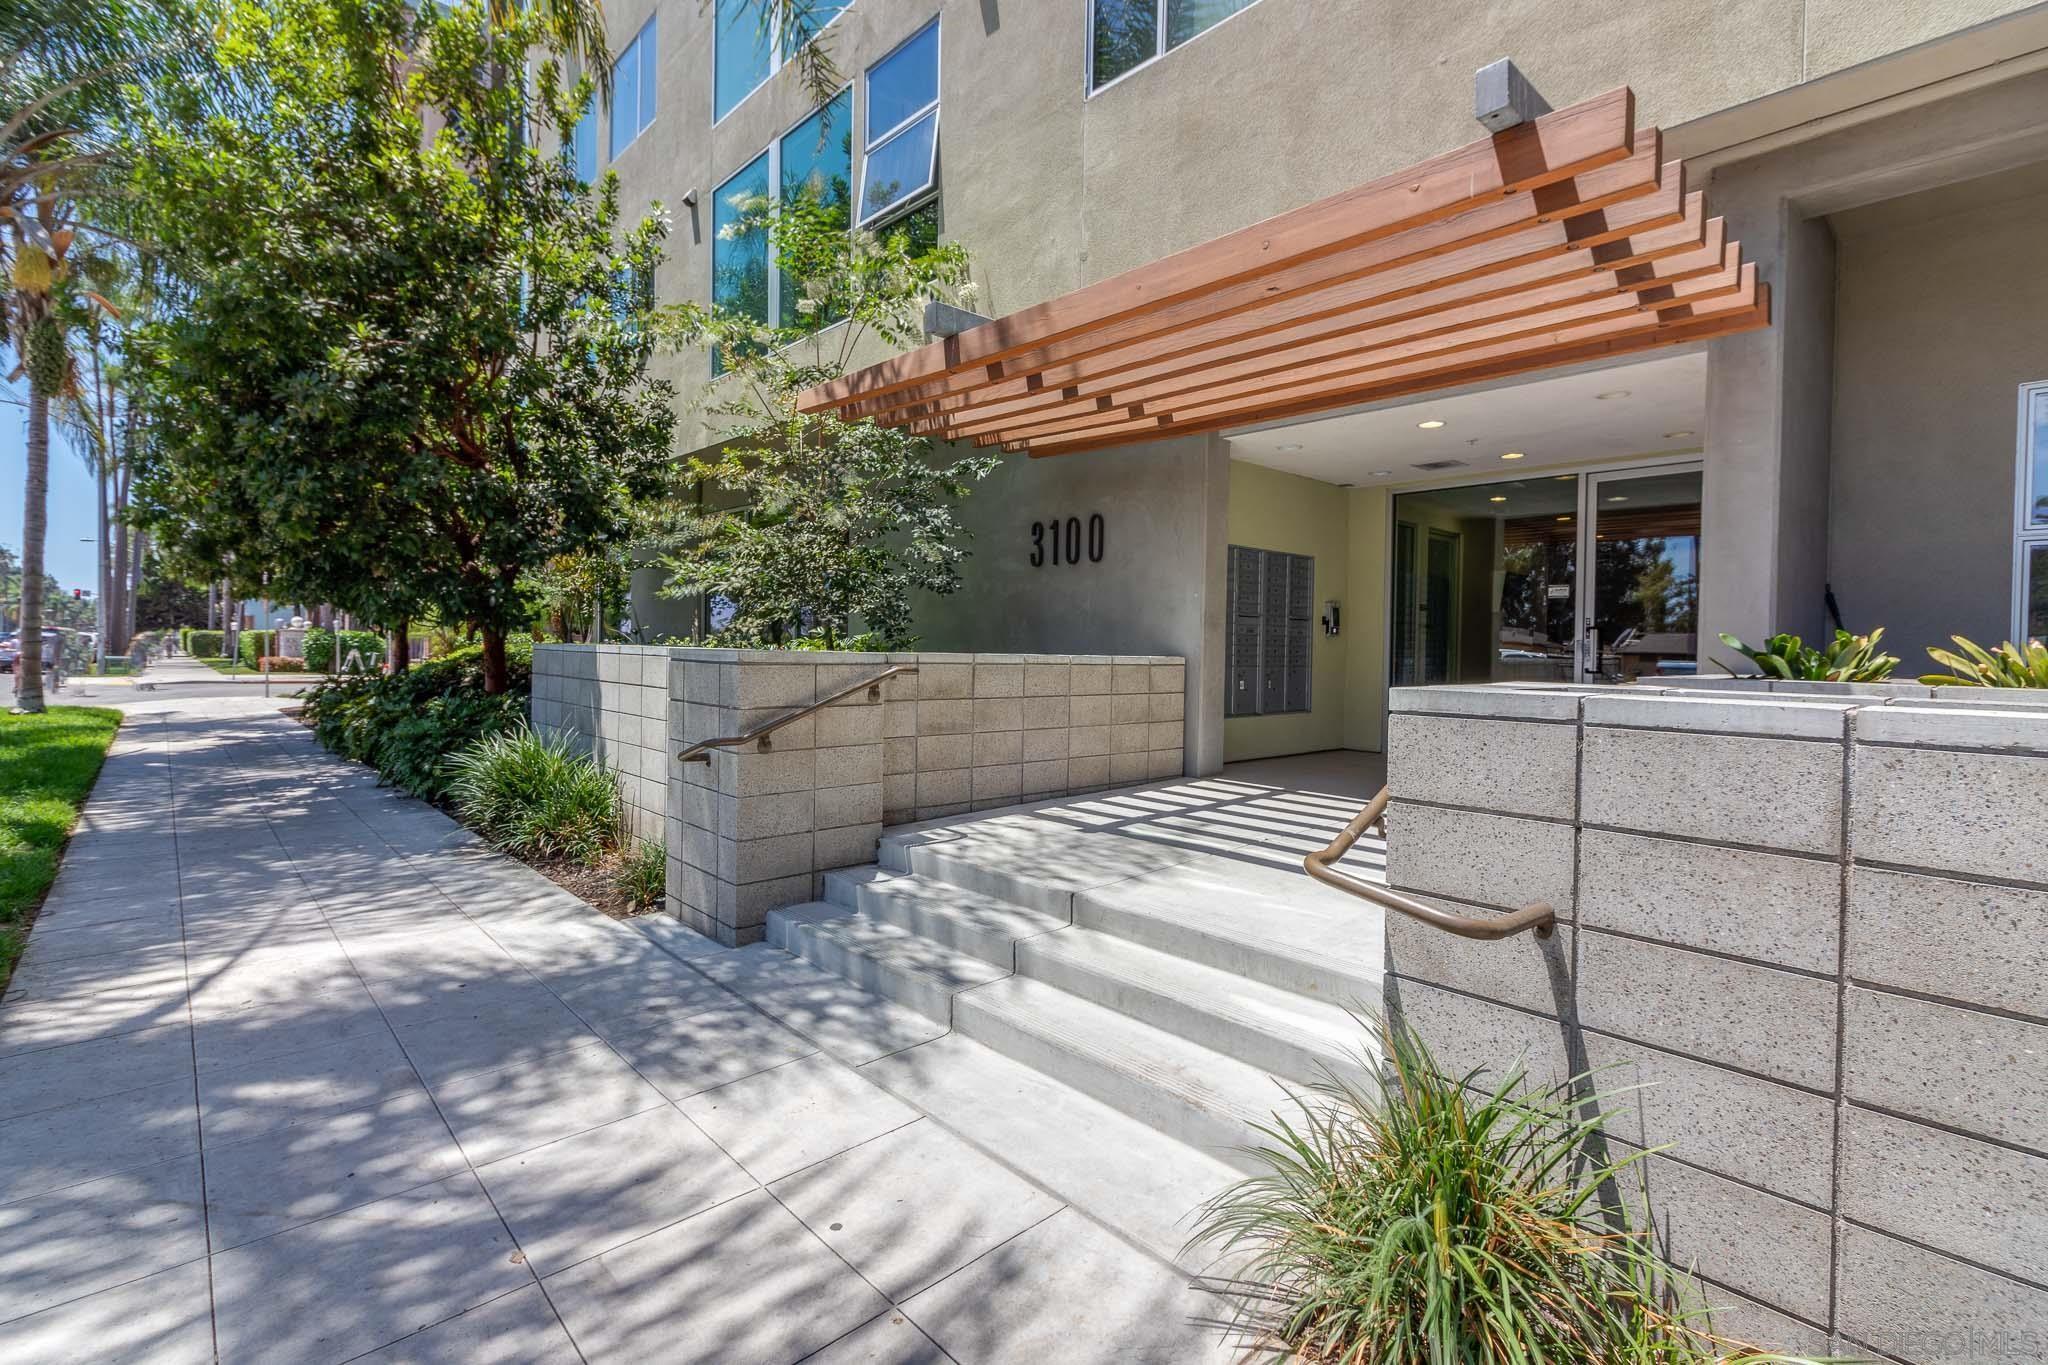 3100 6th Avenue 305, San Diego, CA 92103